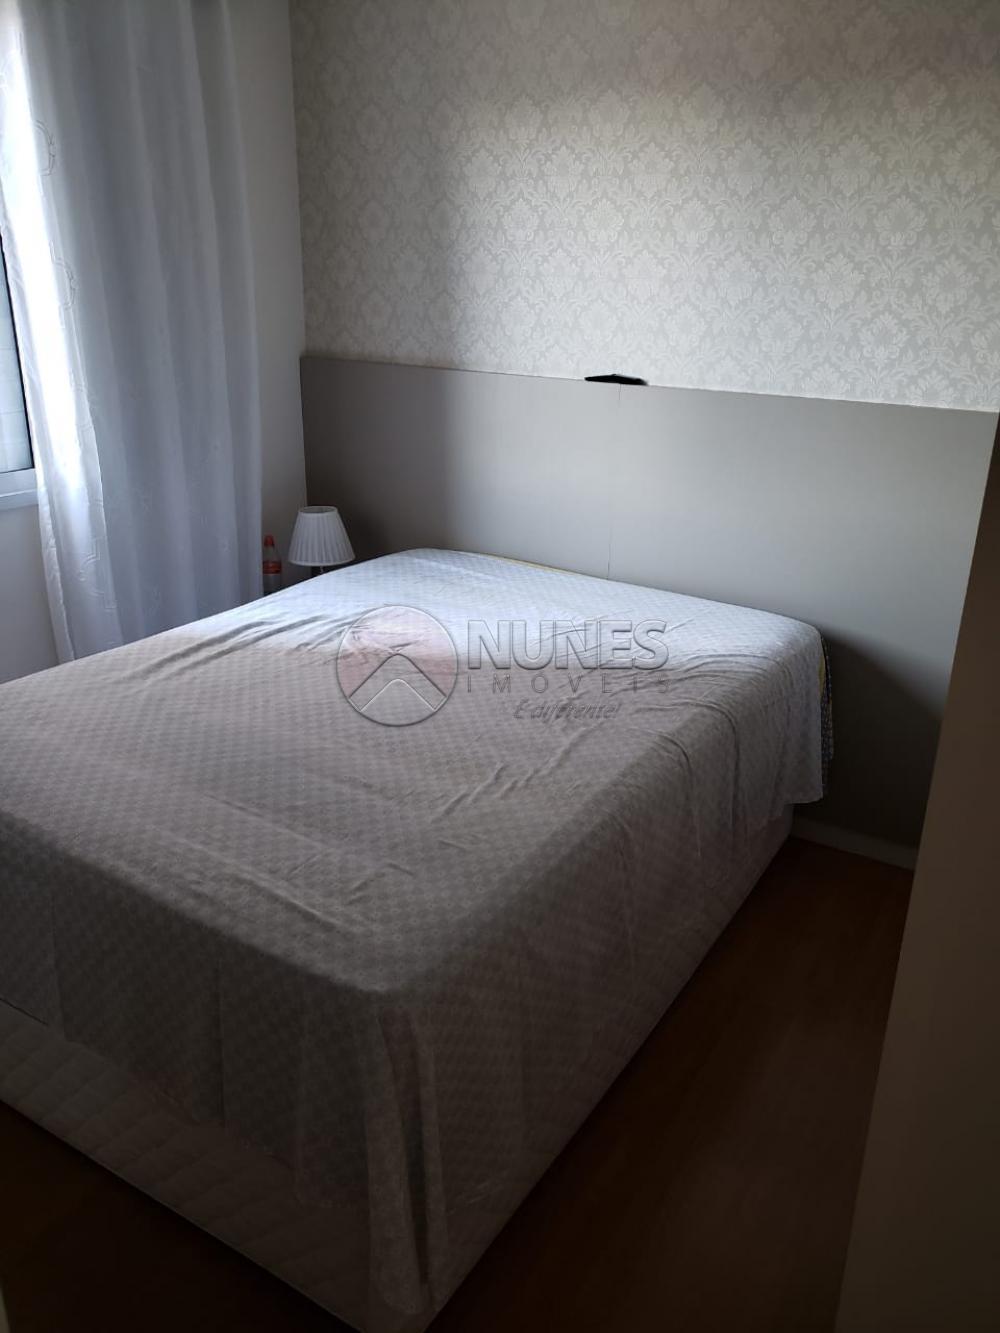 Comprar Apartamento / Padrão em Osasco apenas R$ 275.000,00 - Foto 13